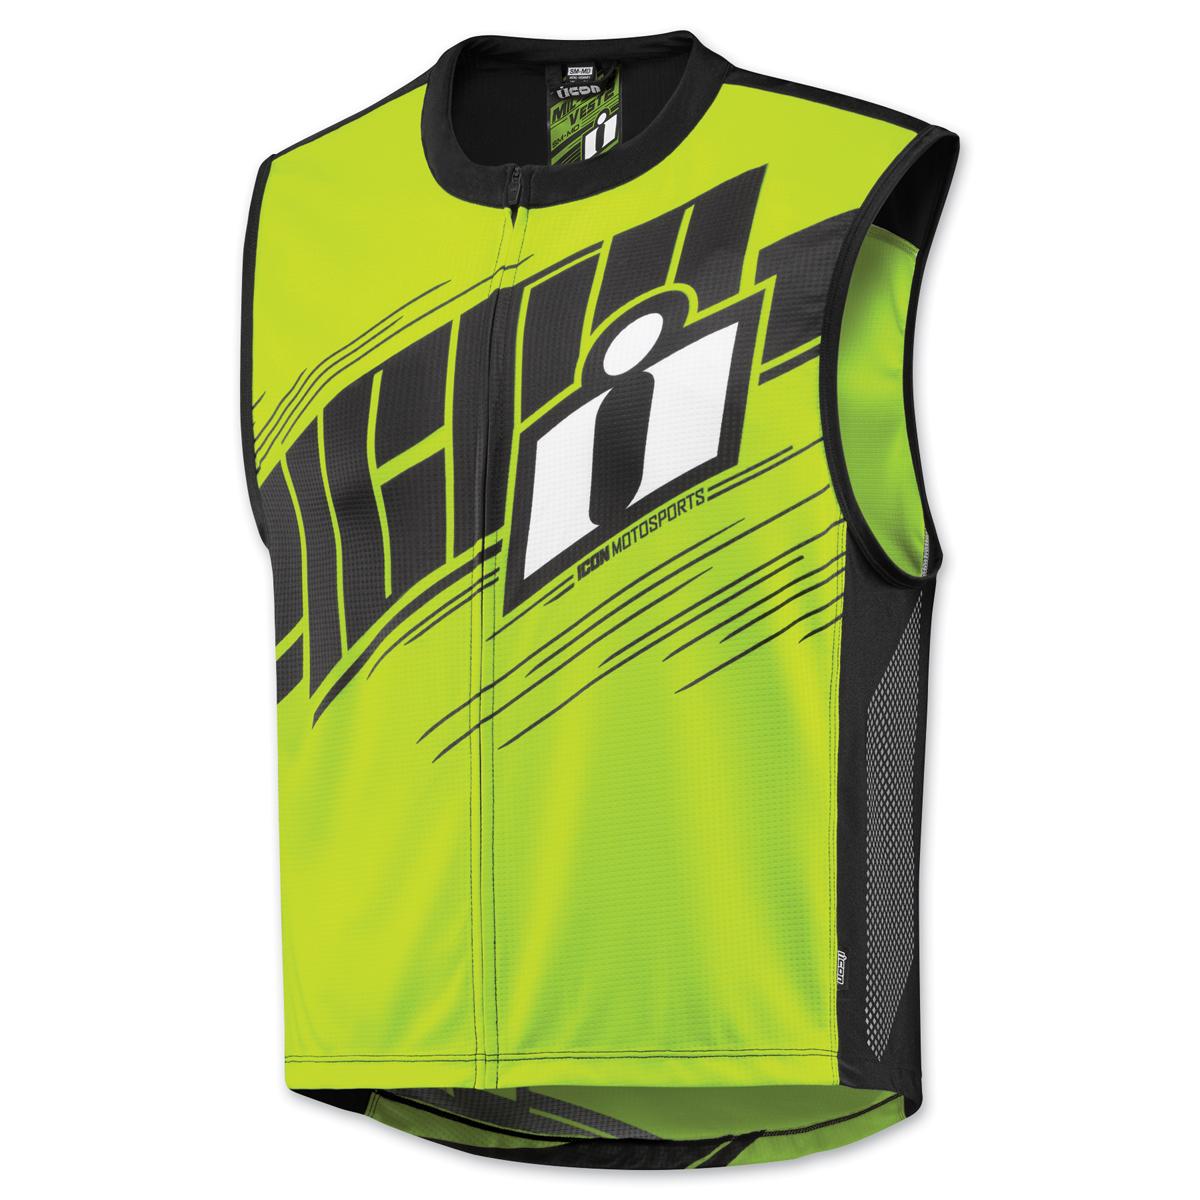 ICON Men's Mil-Spec 2 Hi-Viz Yellow Vest